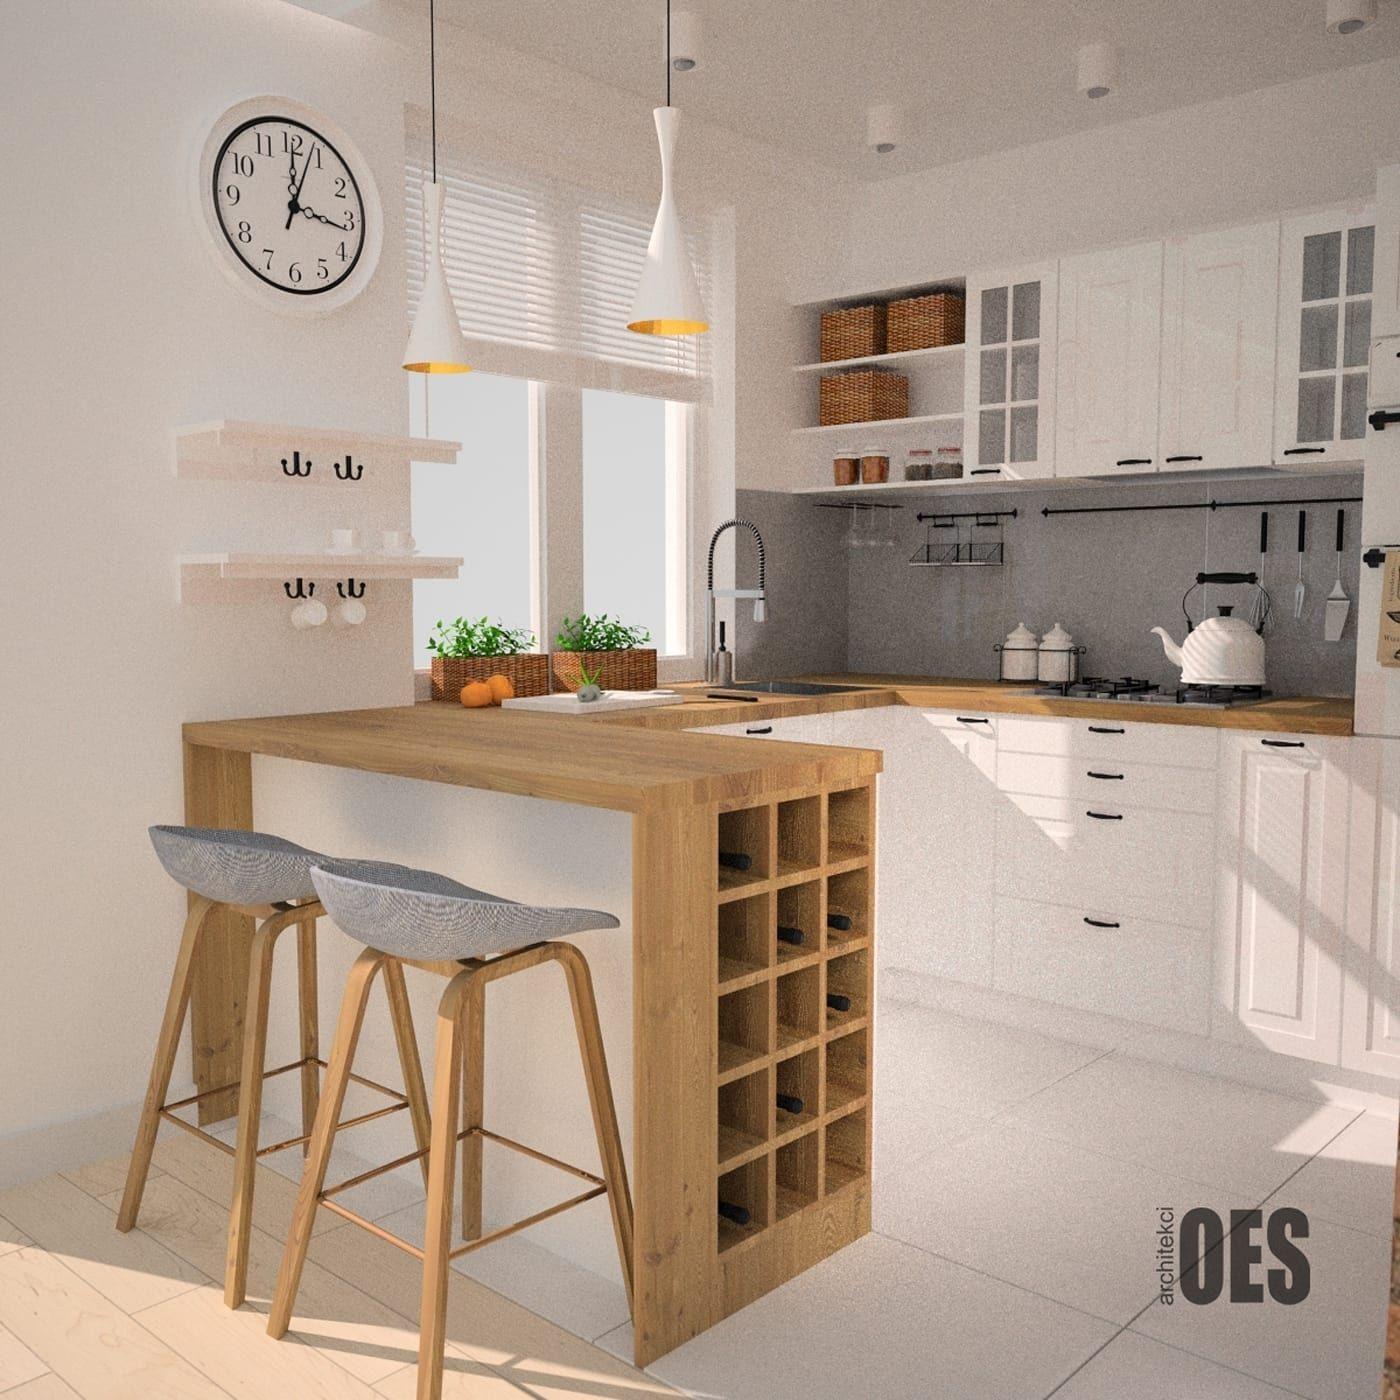 Photo of Cucine scandinave di oes architekci legno scandinavo effetto legno | homify